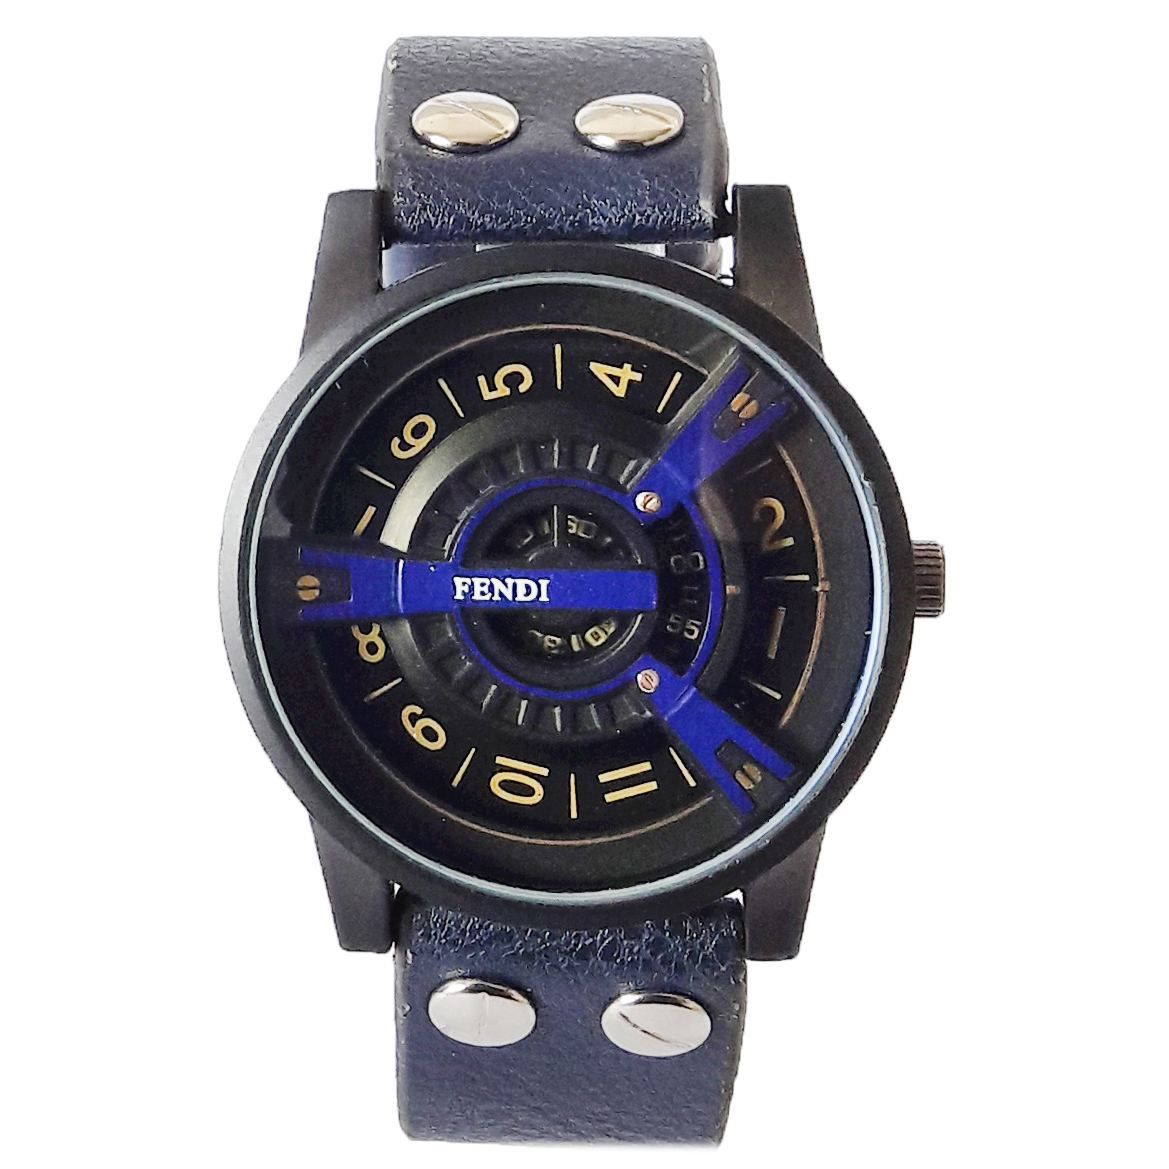 ساعت مچی عقربه ای مردانه مدل FEN 6622 / SO به همراه دستمال مخصوص نانو برند کلیر واچ 30